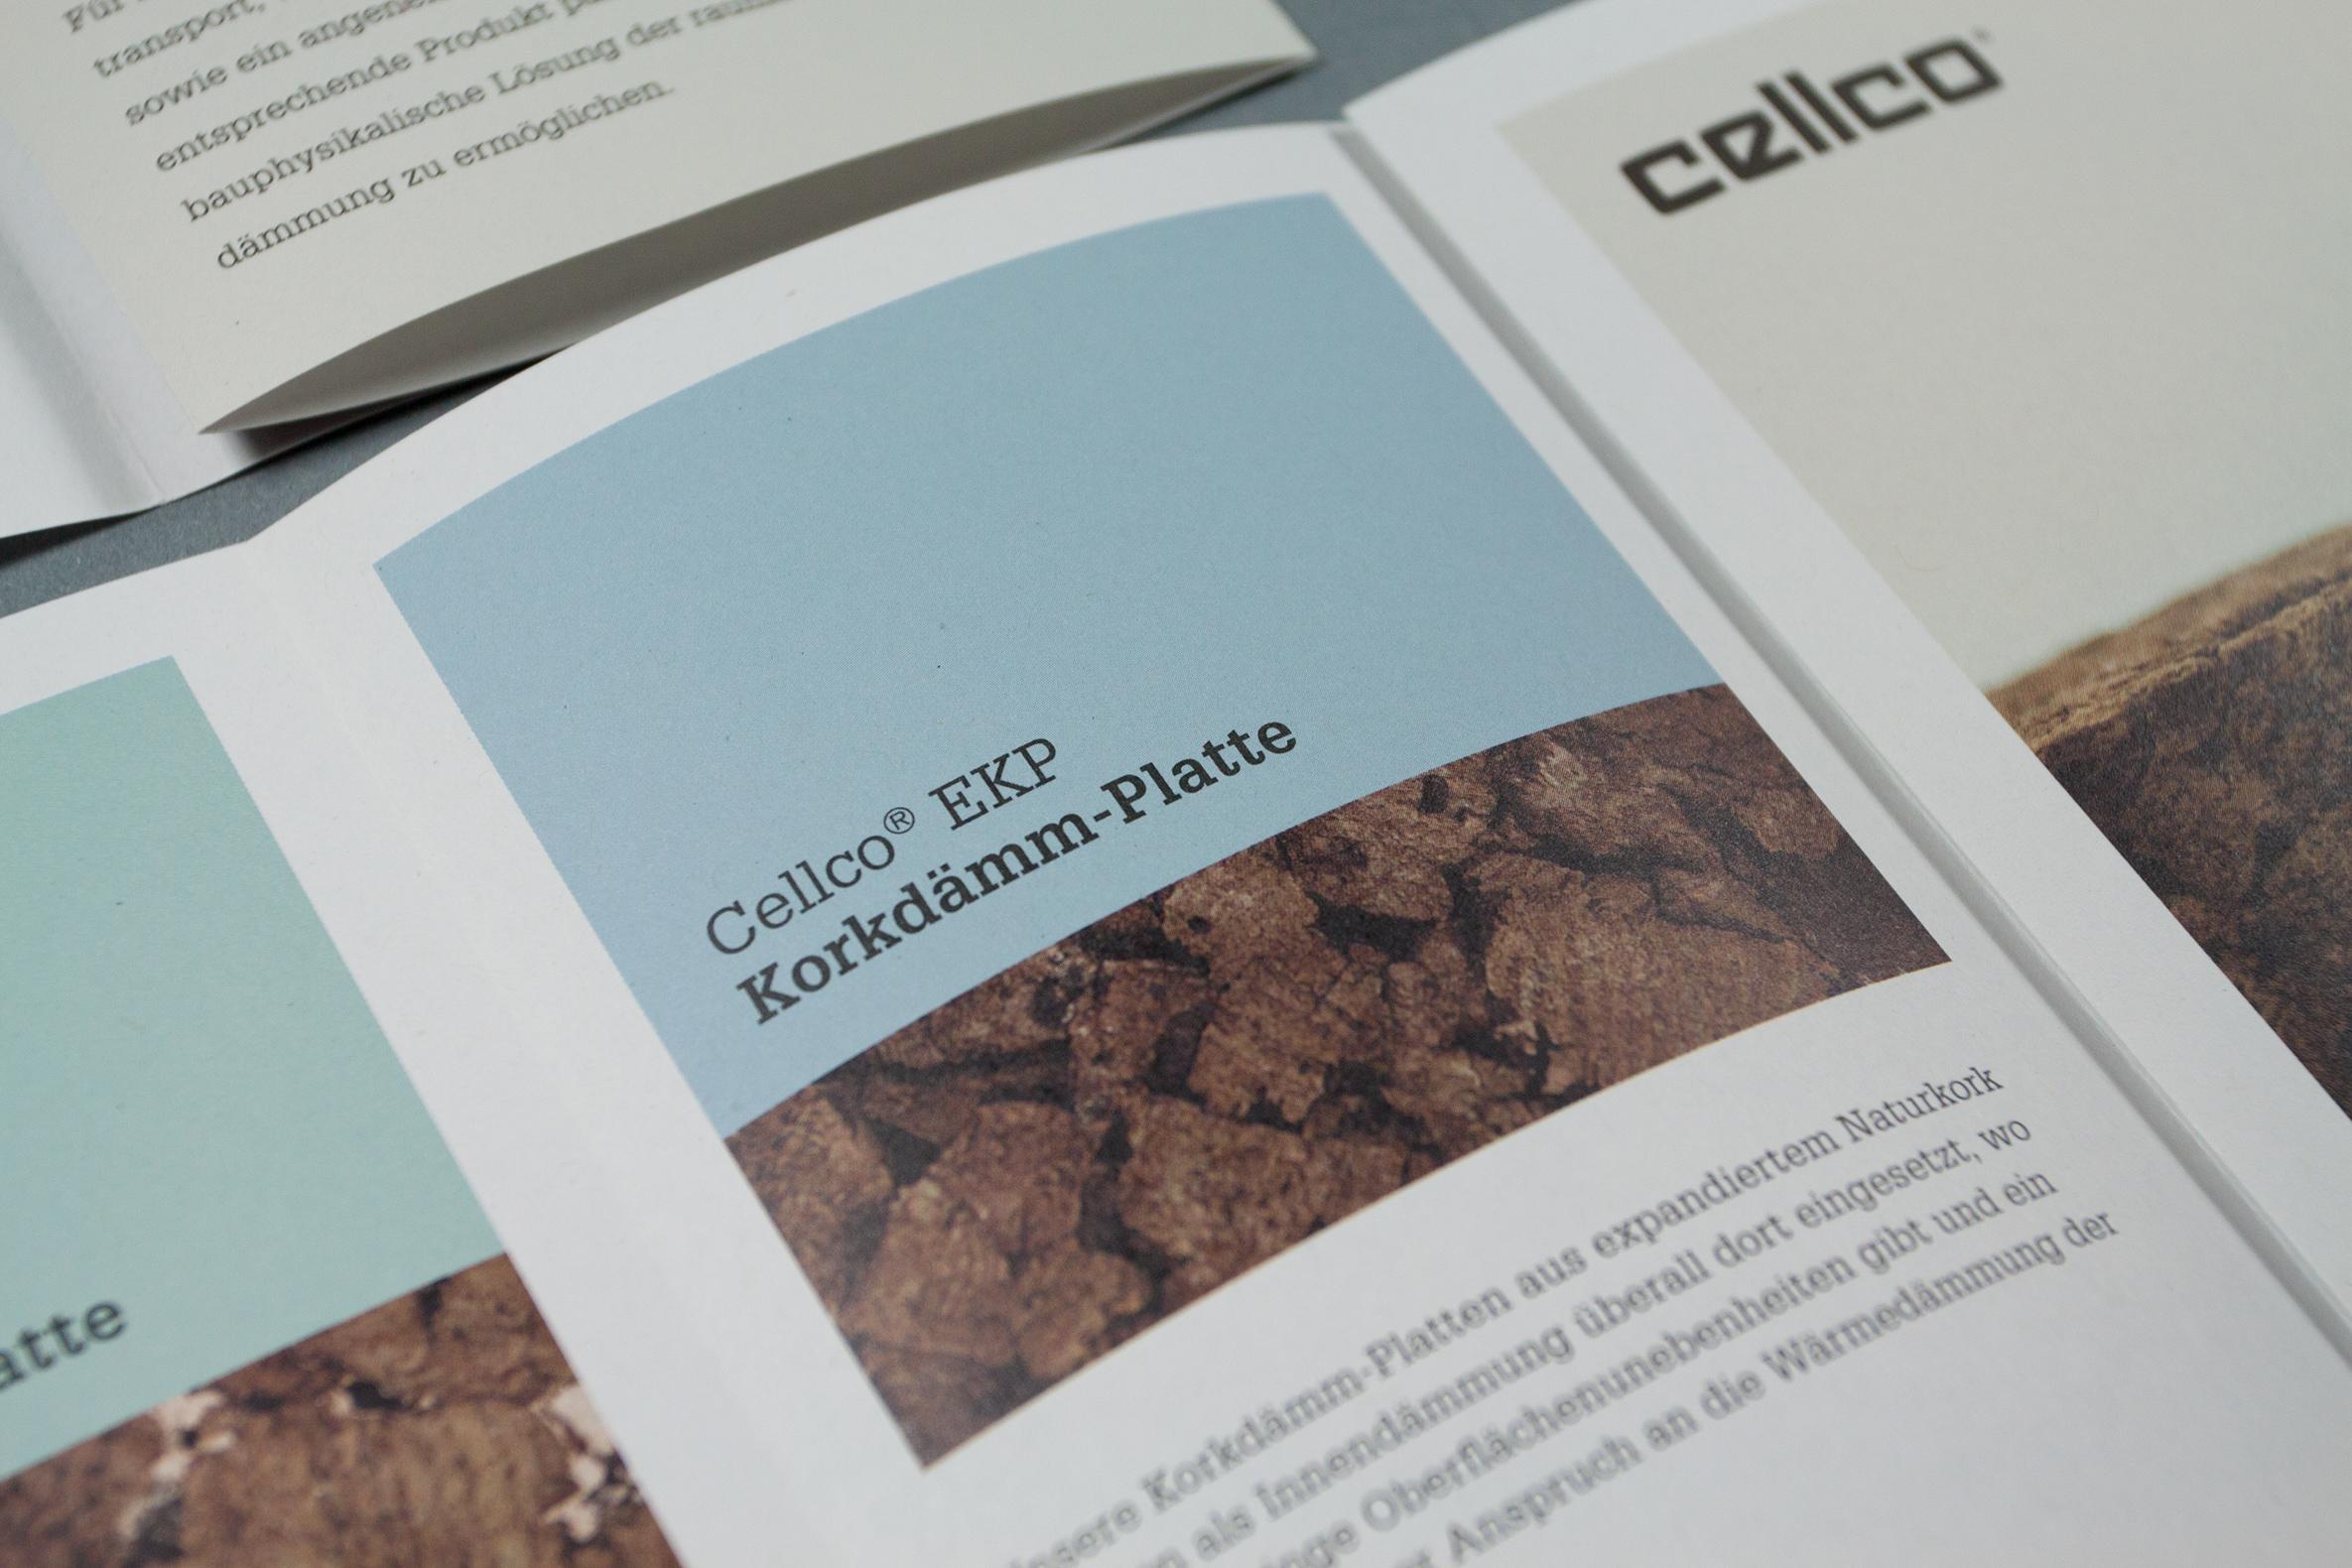 cellco-print-3421-buero-ink